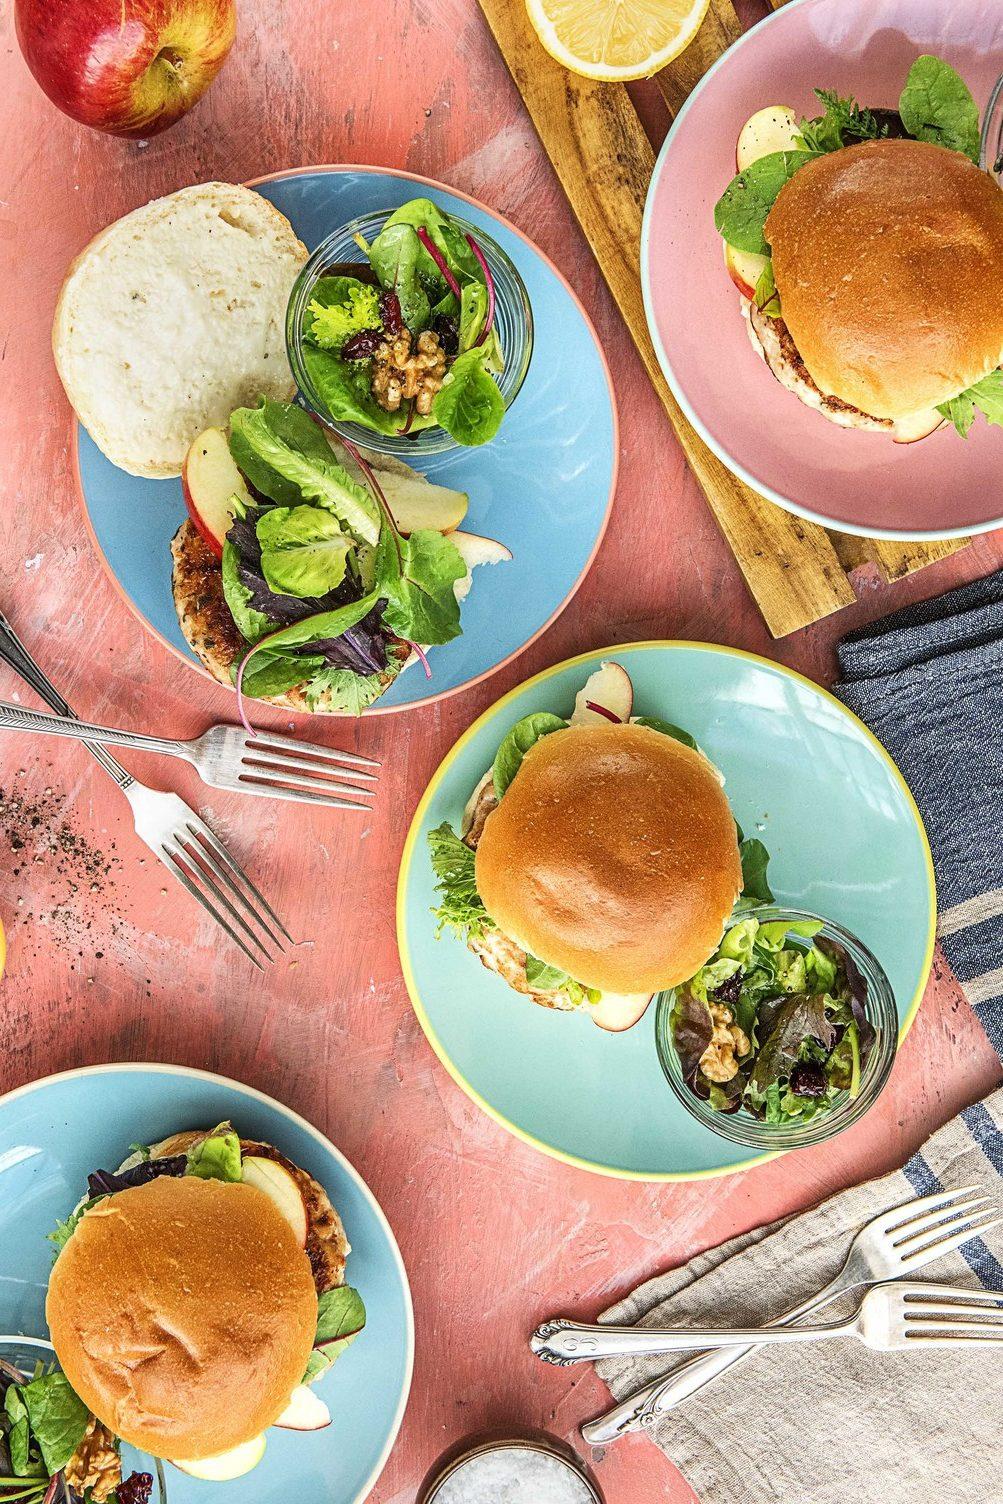 meatloaf burgers-HelloFresh-apple sage turkey burgers